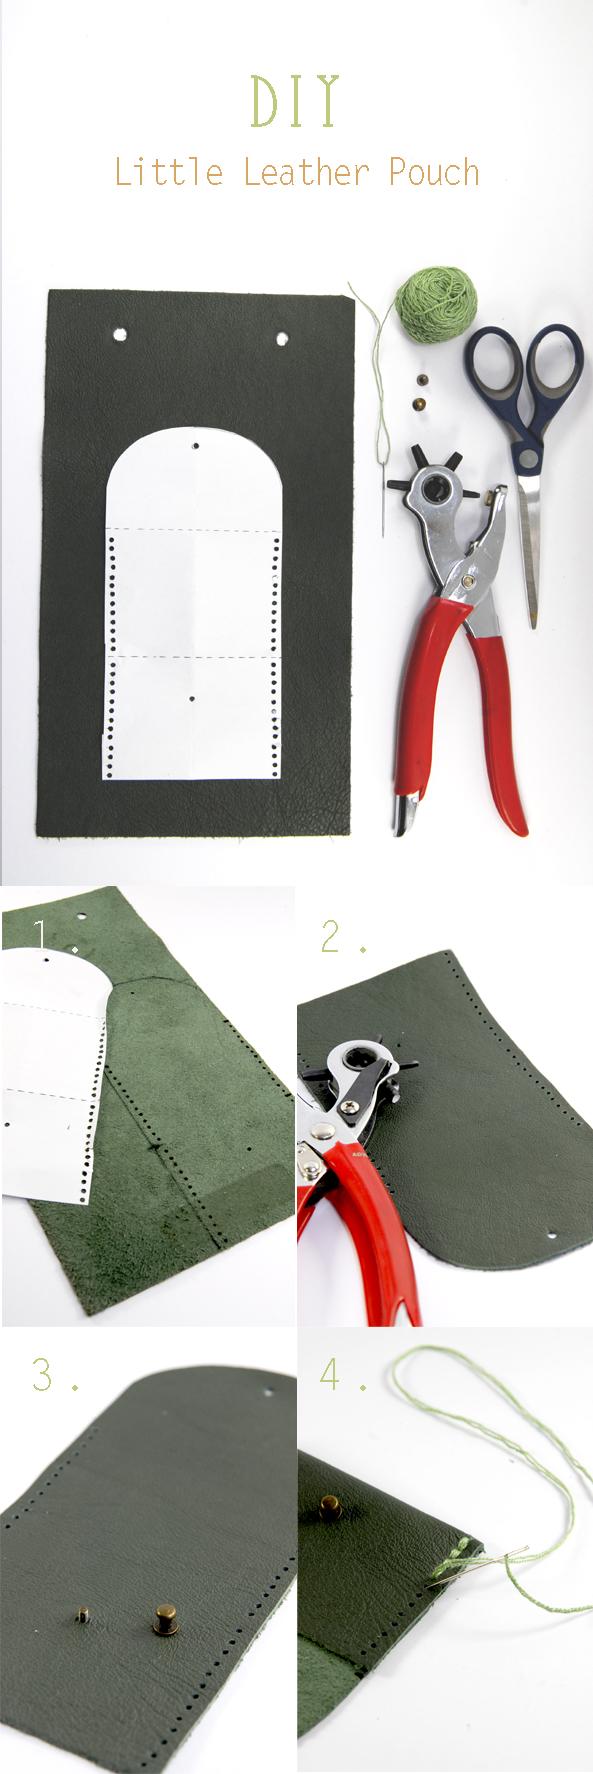 tuto comment faire un petit porte monnaie en cuir facilement dans mon bocal. Black Bedroom Furniture Sets. Home Design Ideas